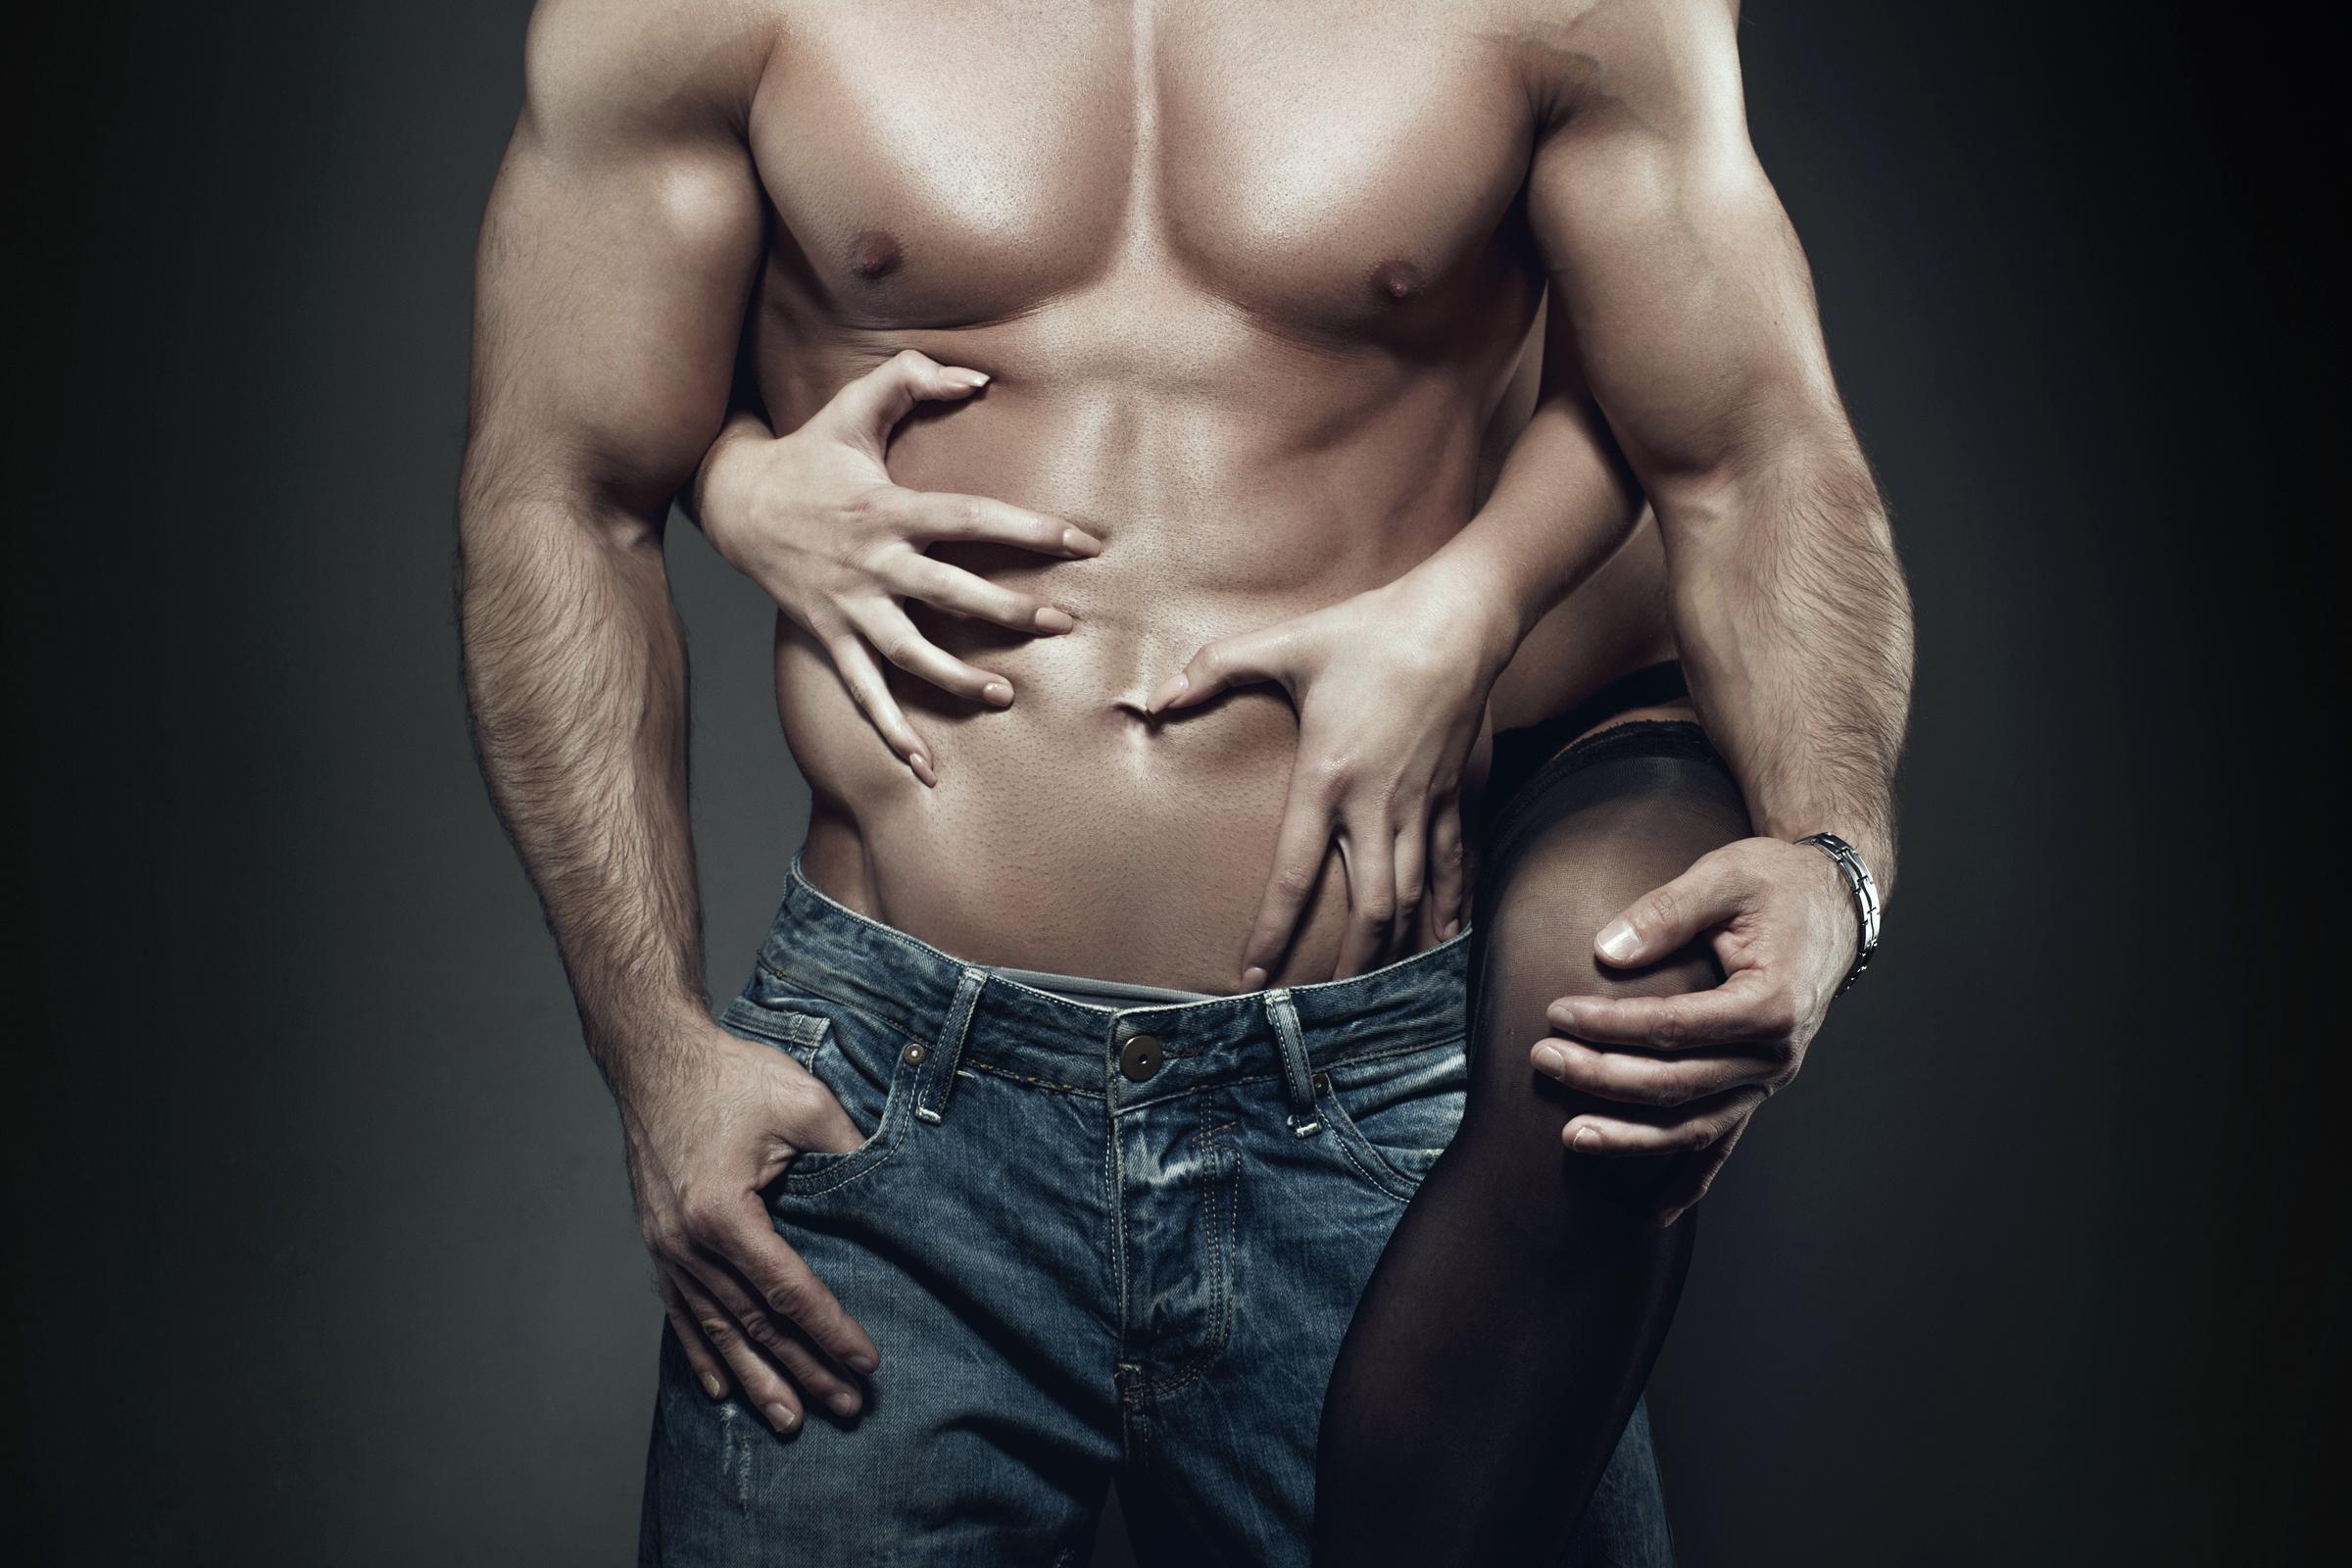 Így kell kézzel felizgatni a férfiakat - Blikk